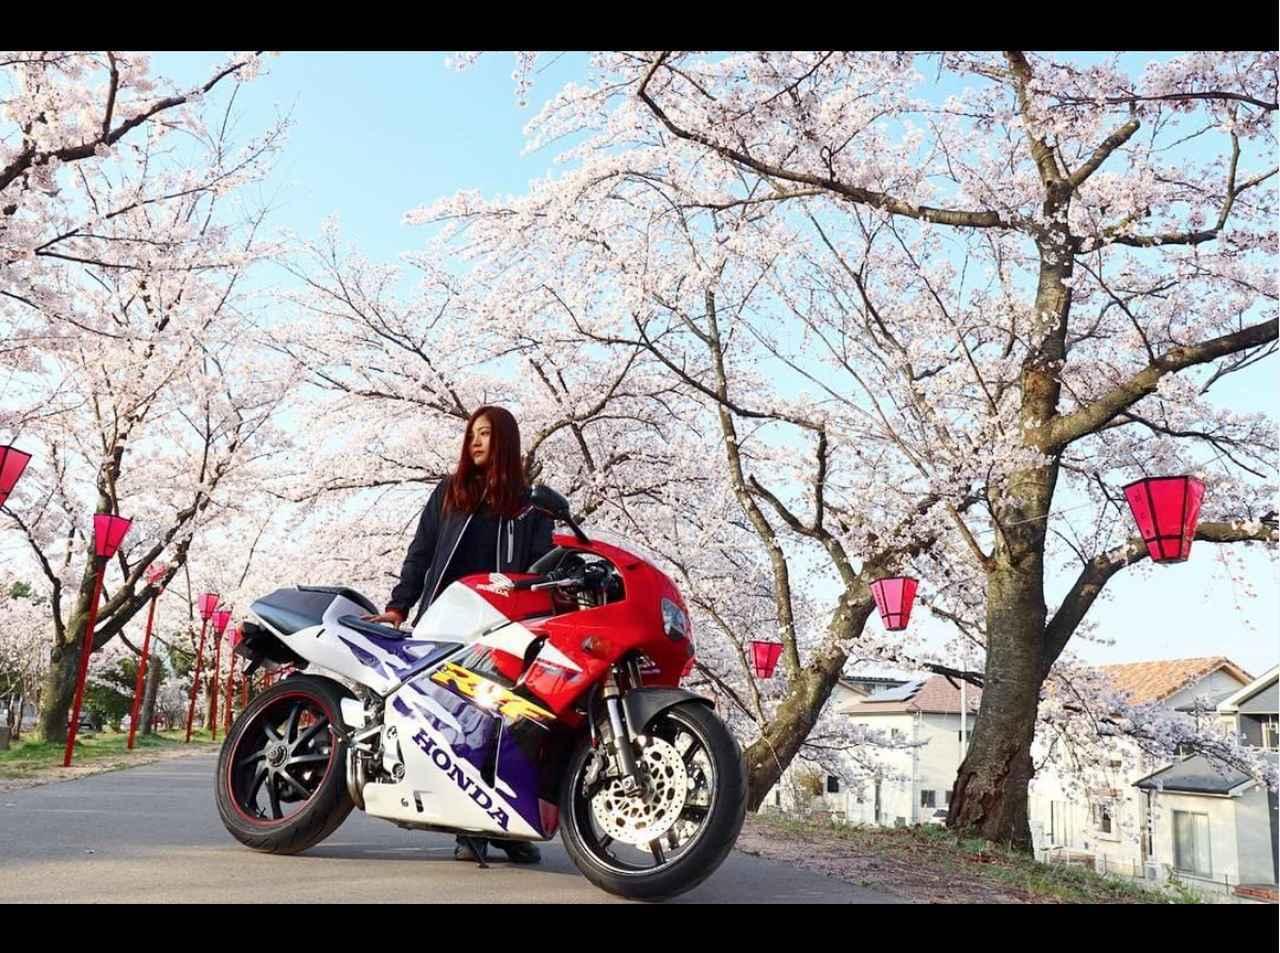 画像: バイクを手に入れる喜びってたまらない!【リトホンインスタ部vol.53】 - A Little Honda